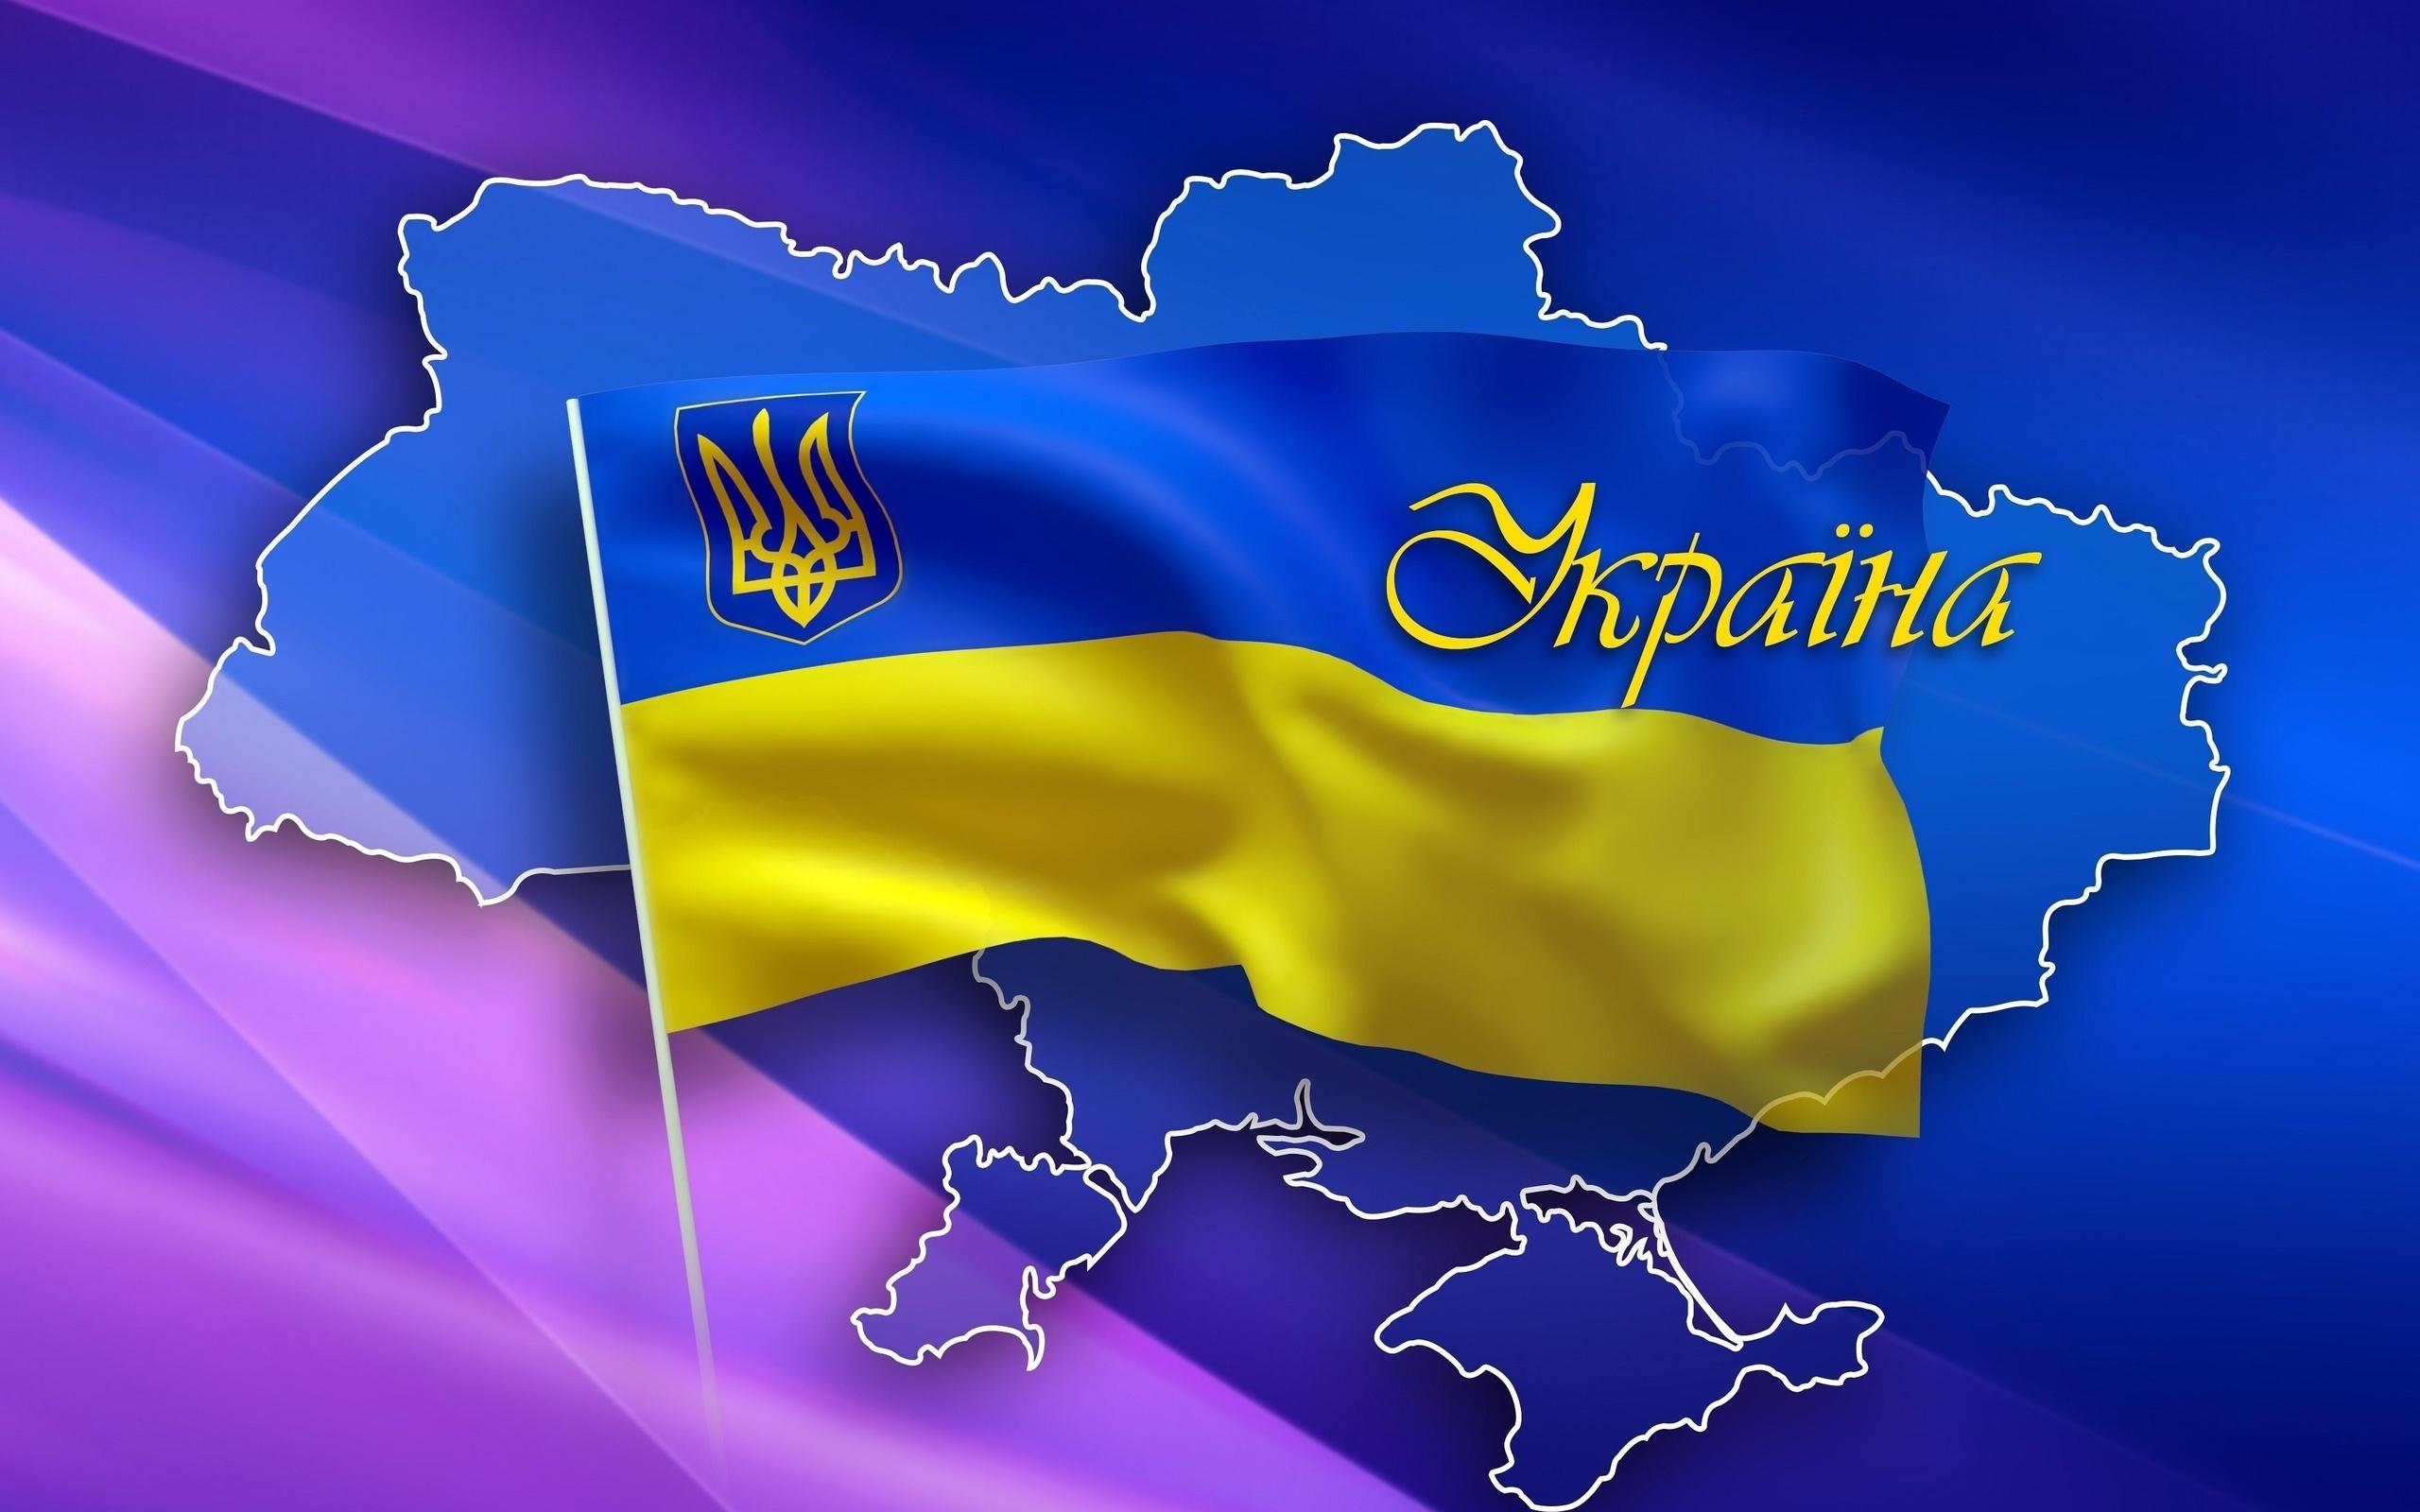 Картинки, украинские картинки с надписями